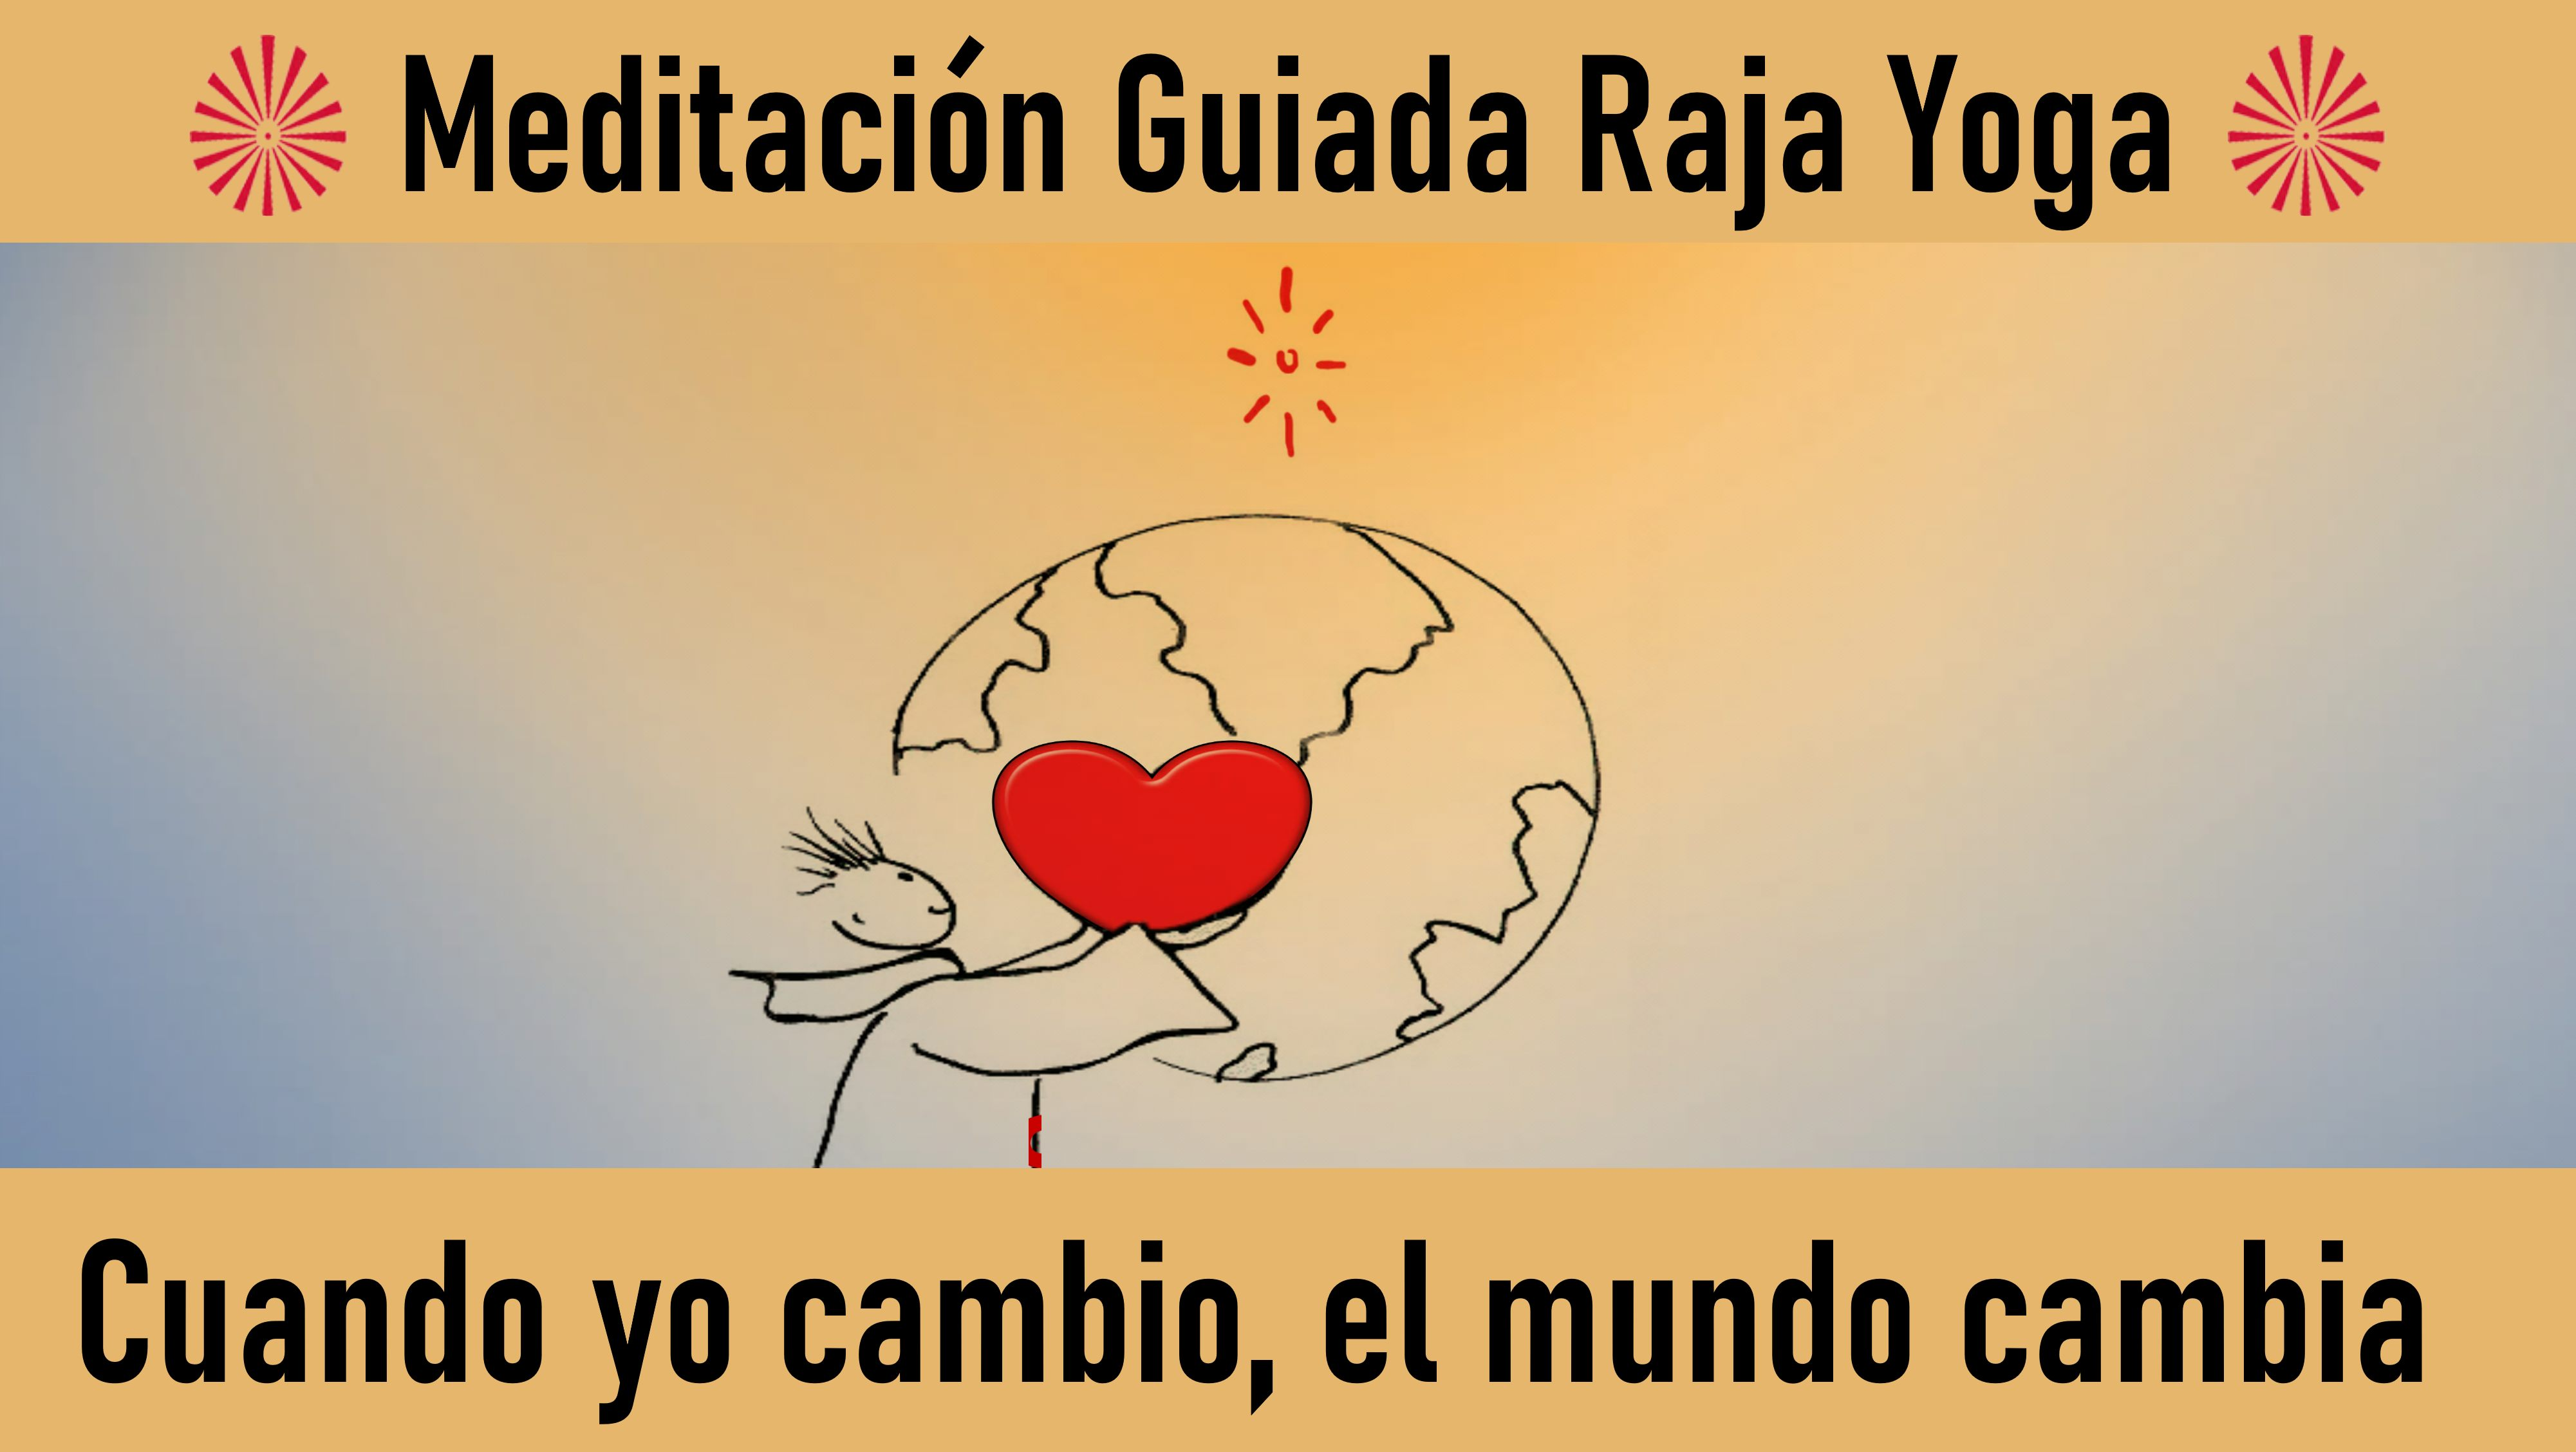 17 Mayo 2020 Meditación Guiada: Cuándo Yo Cambio, el Mundo Cambia